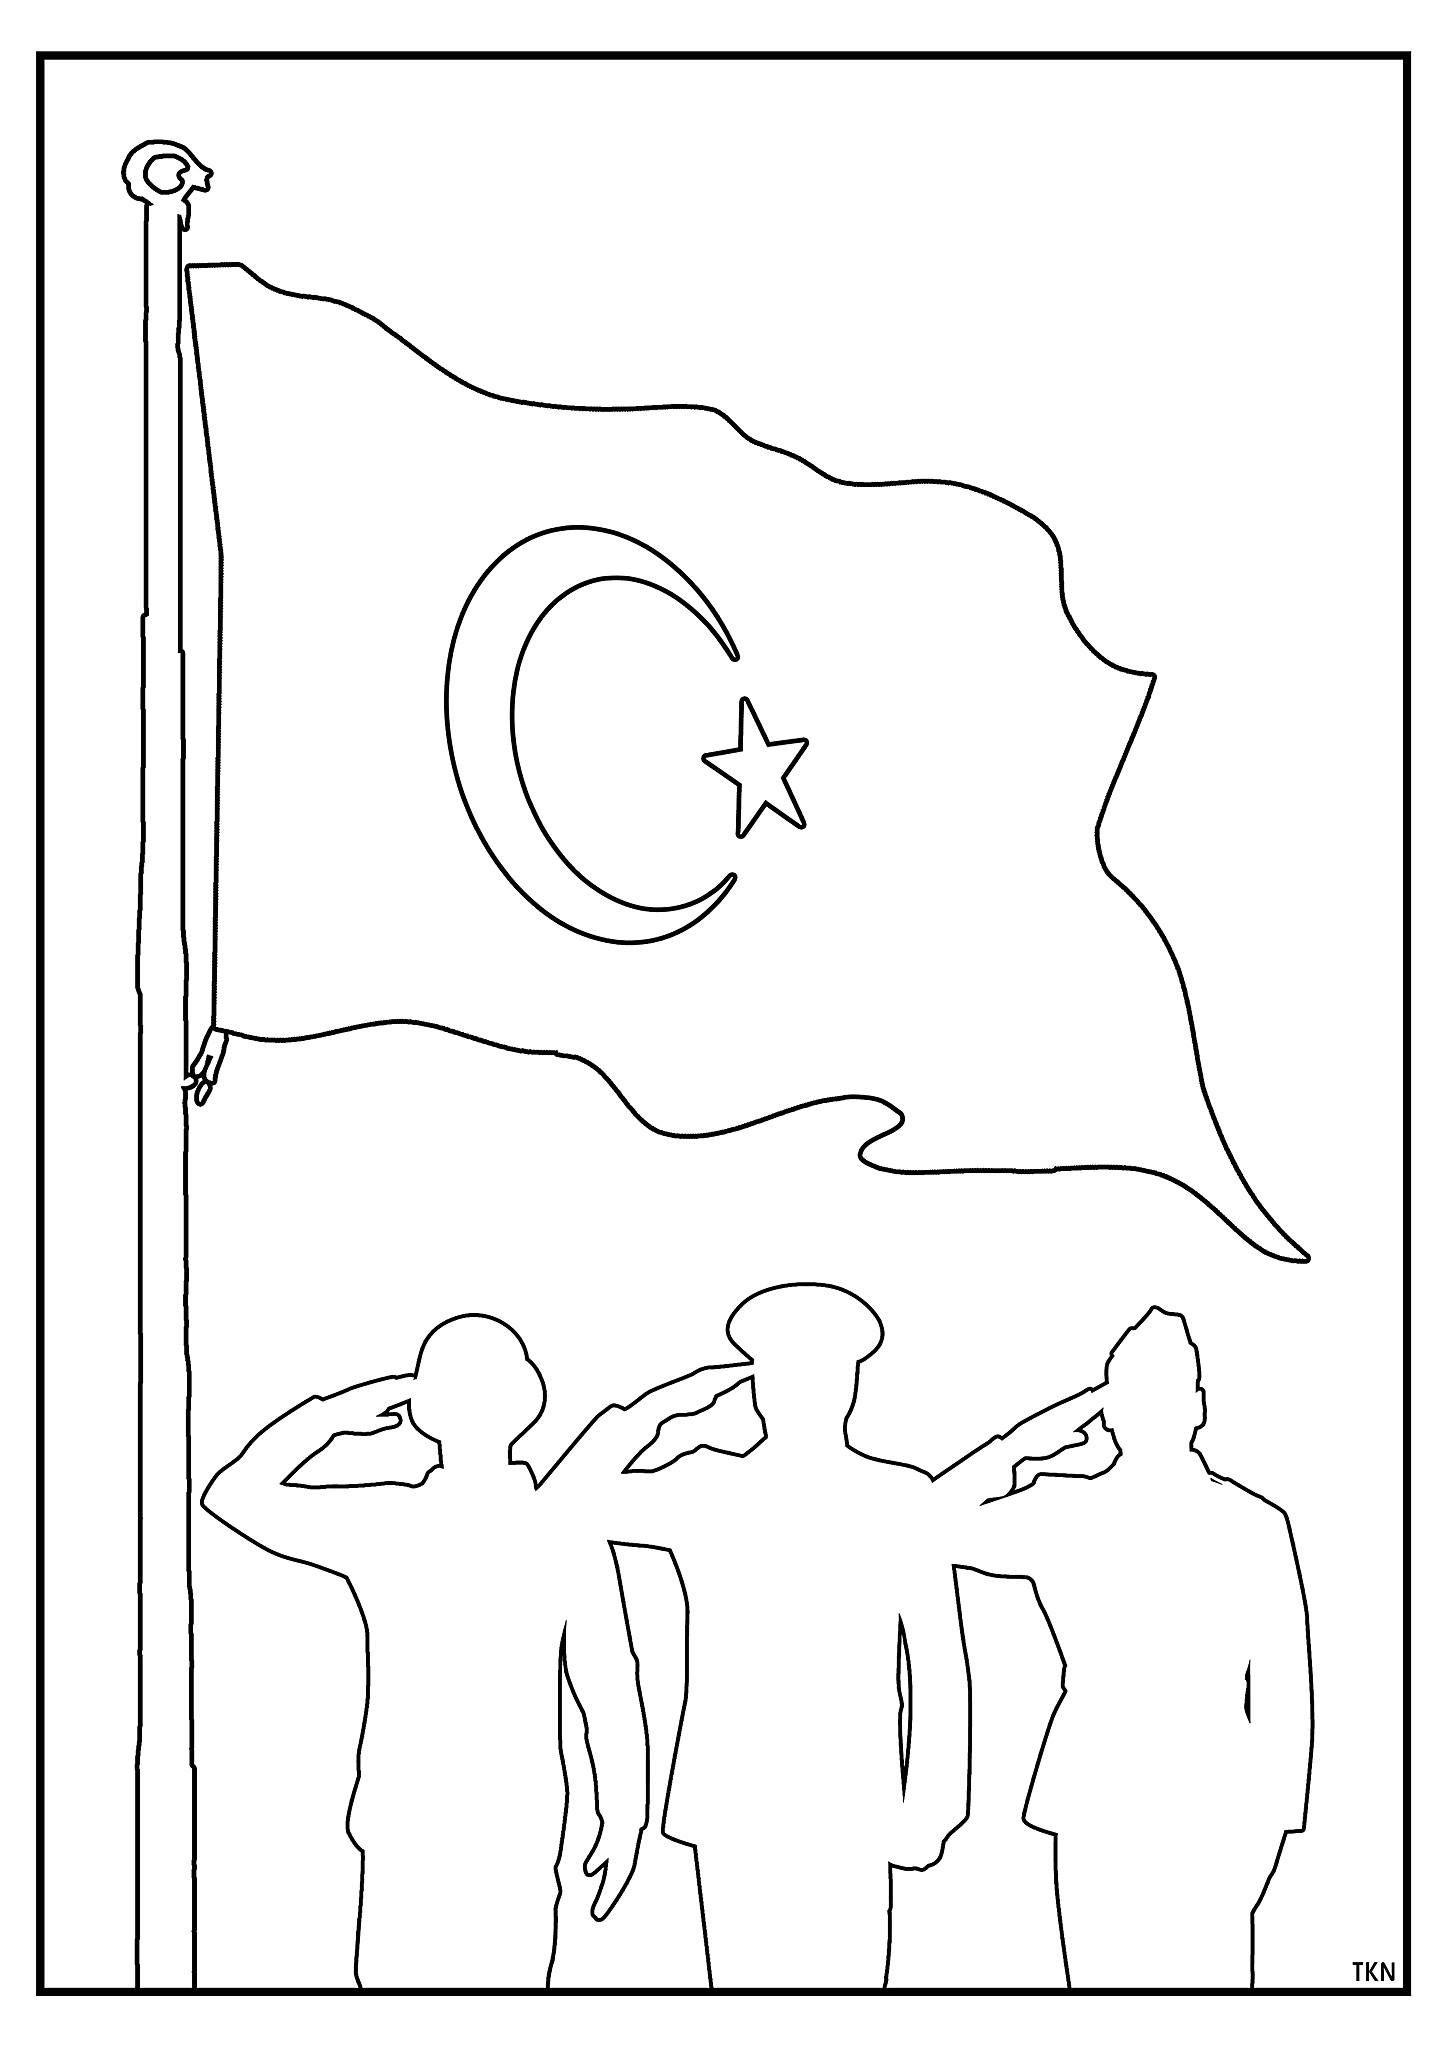 Tamarisk Adli Kullanicinin 19 Mayis Ataturk U Anma Genclik Ve Spor Bayrami Panosundaki Pin Boyama Sayfalari Optik Illuzyon Sanati Ortaokul Sanati